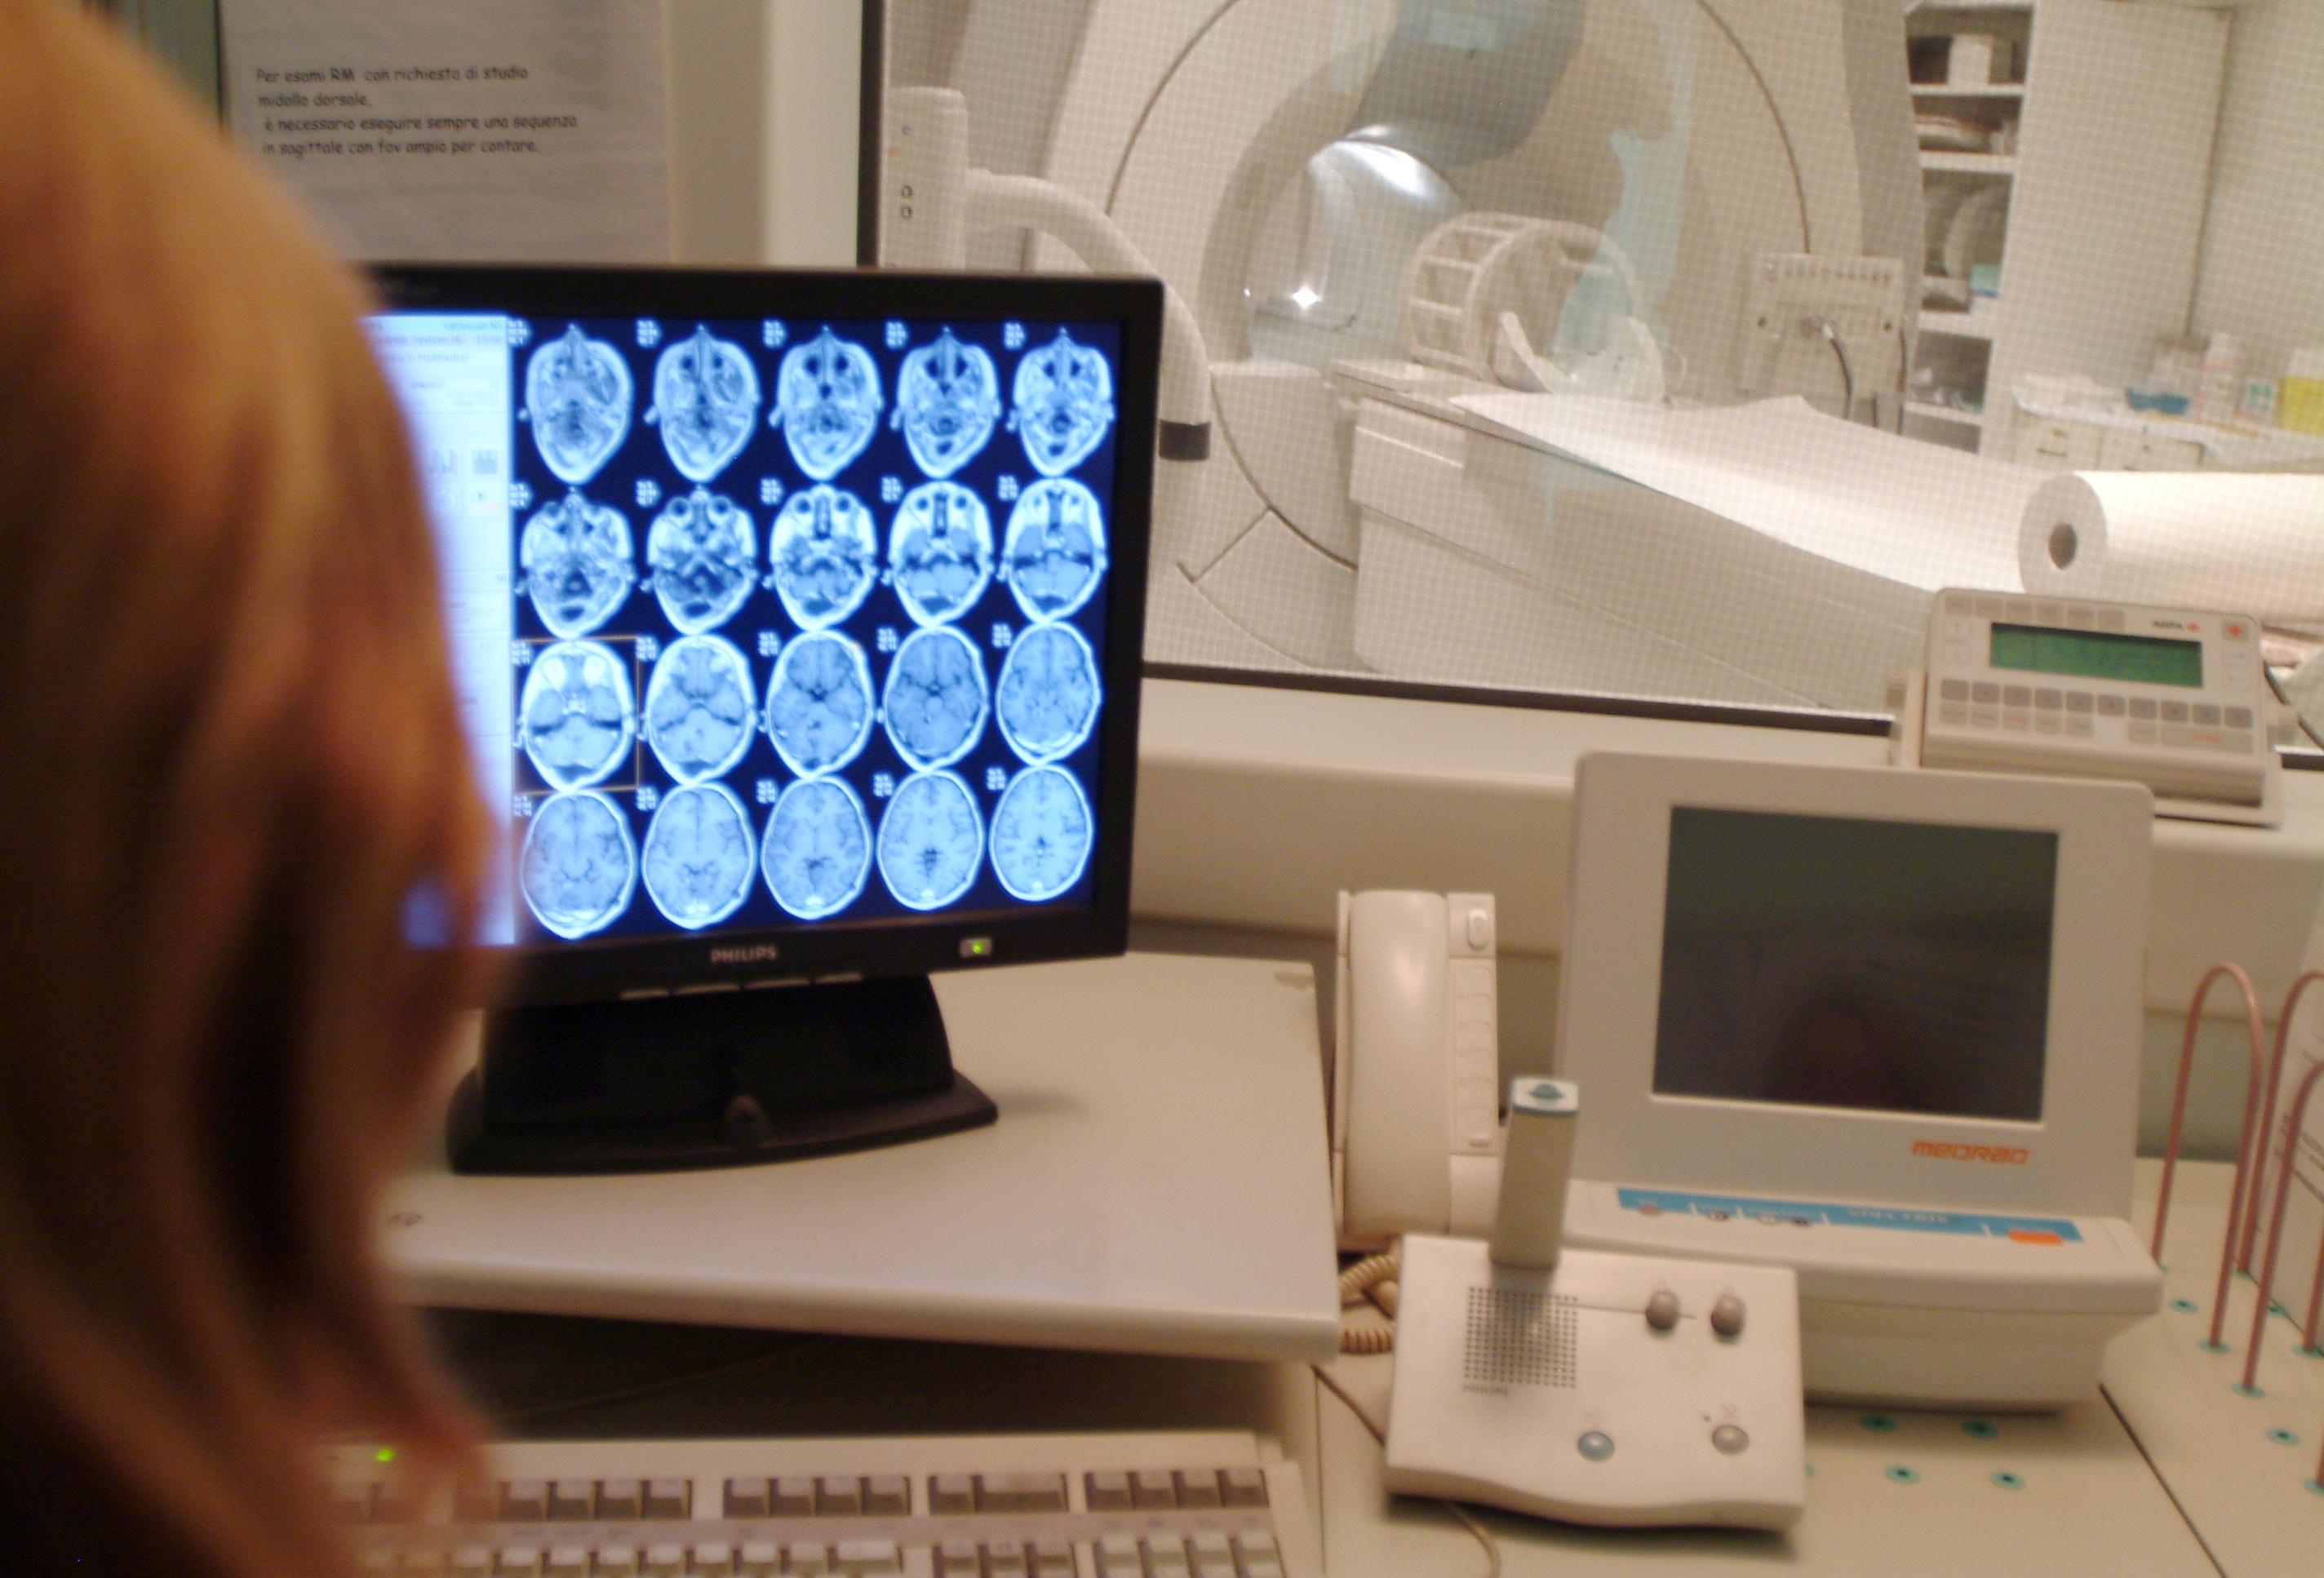 Inclusione e universal design istituto neurologico carlo besta di